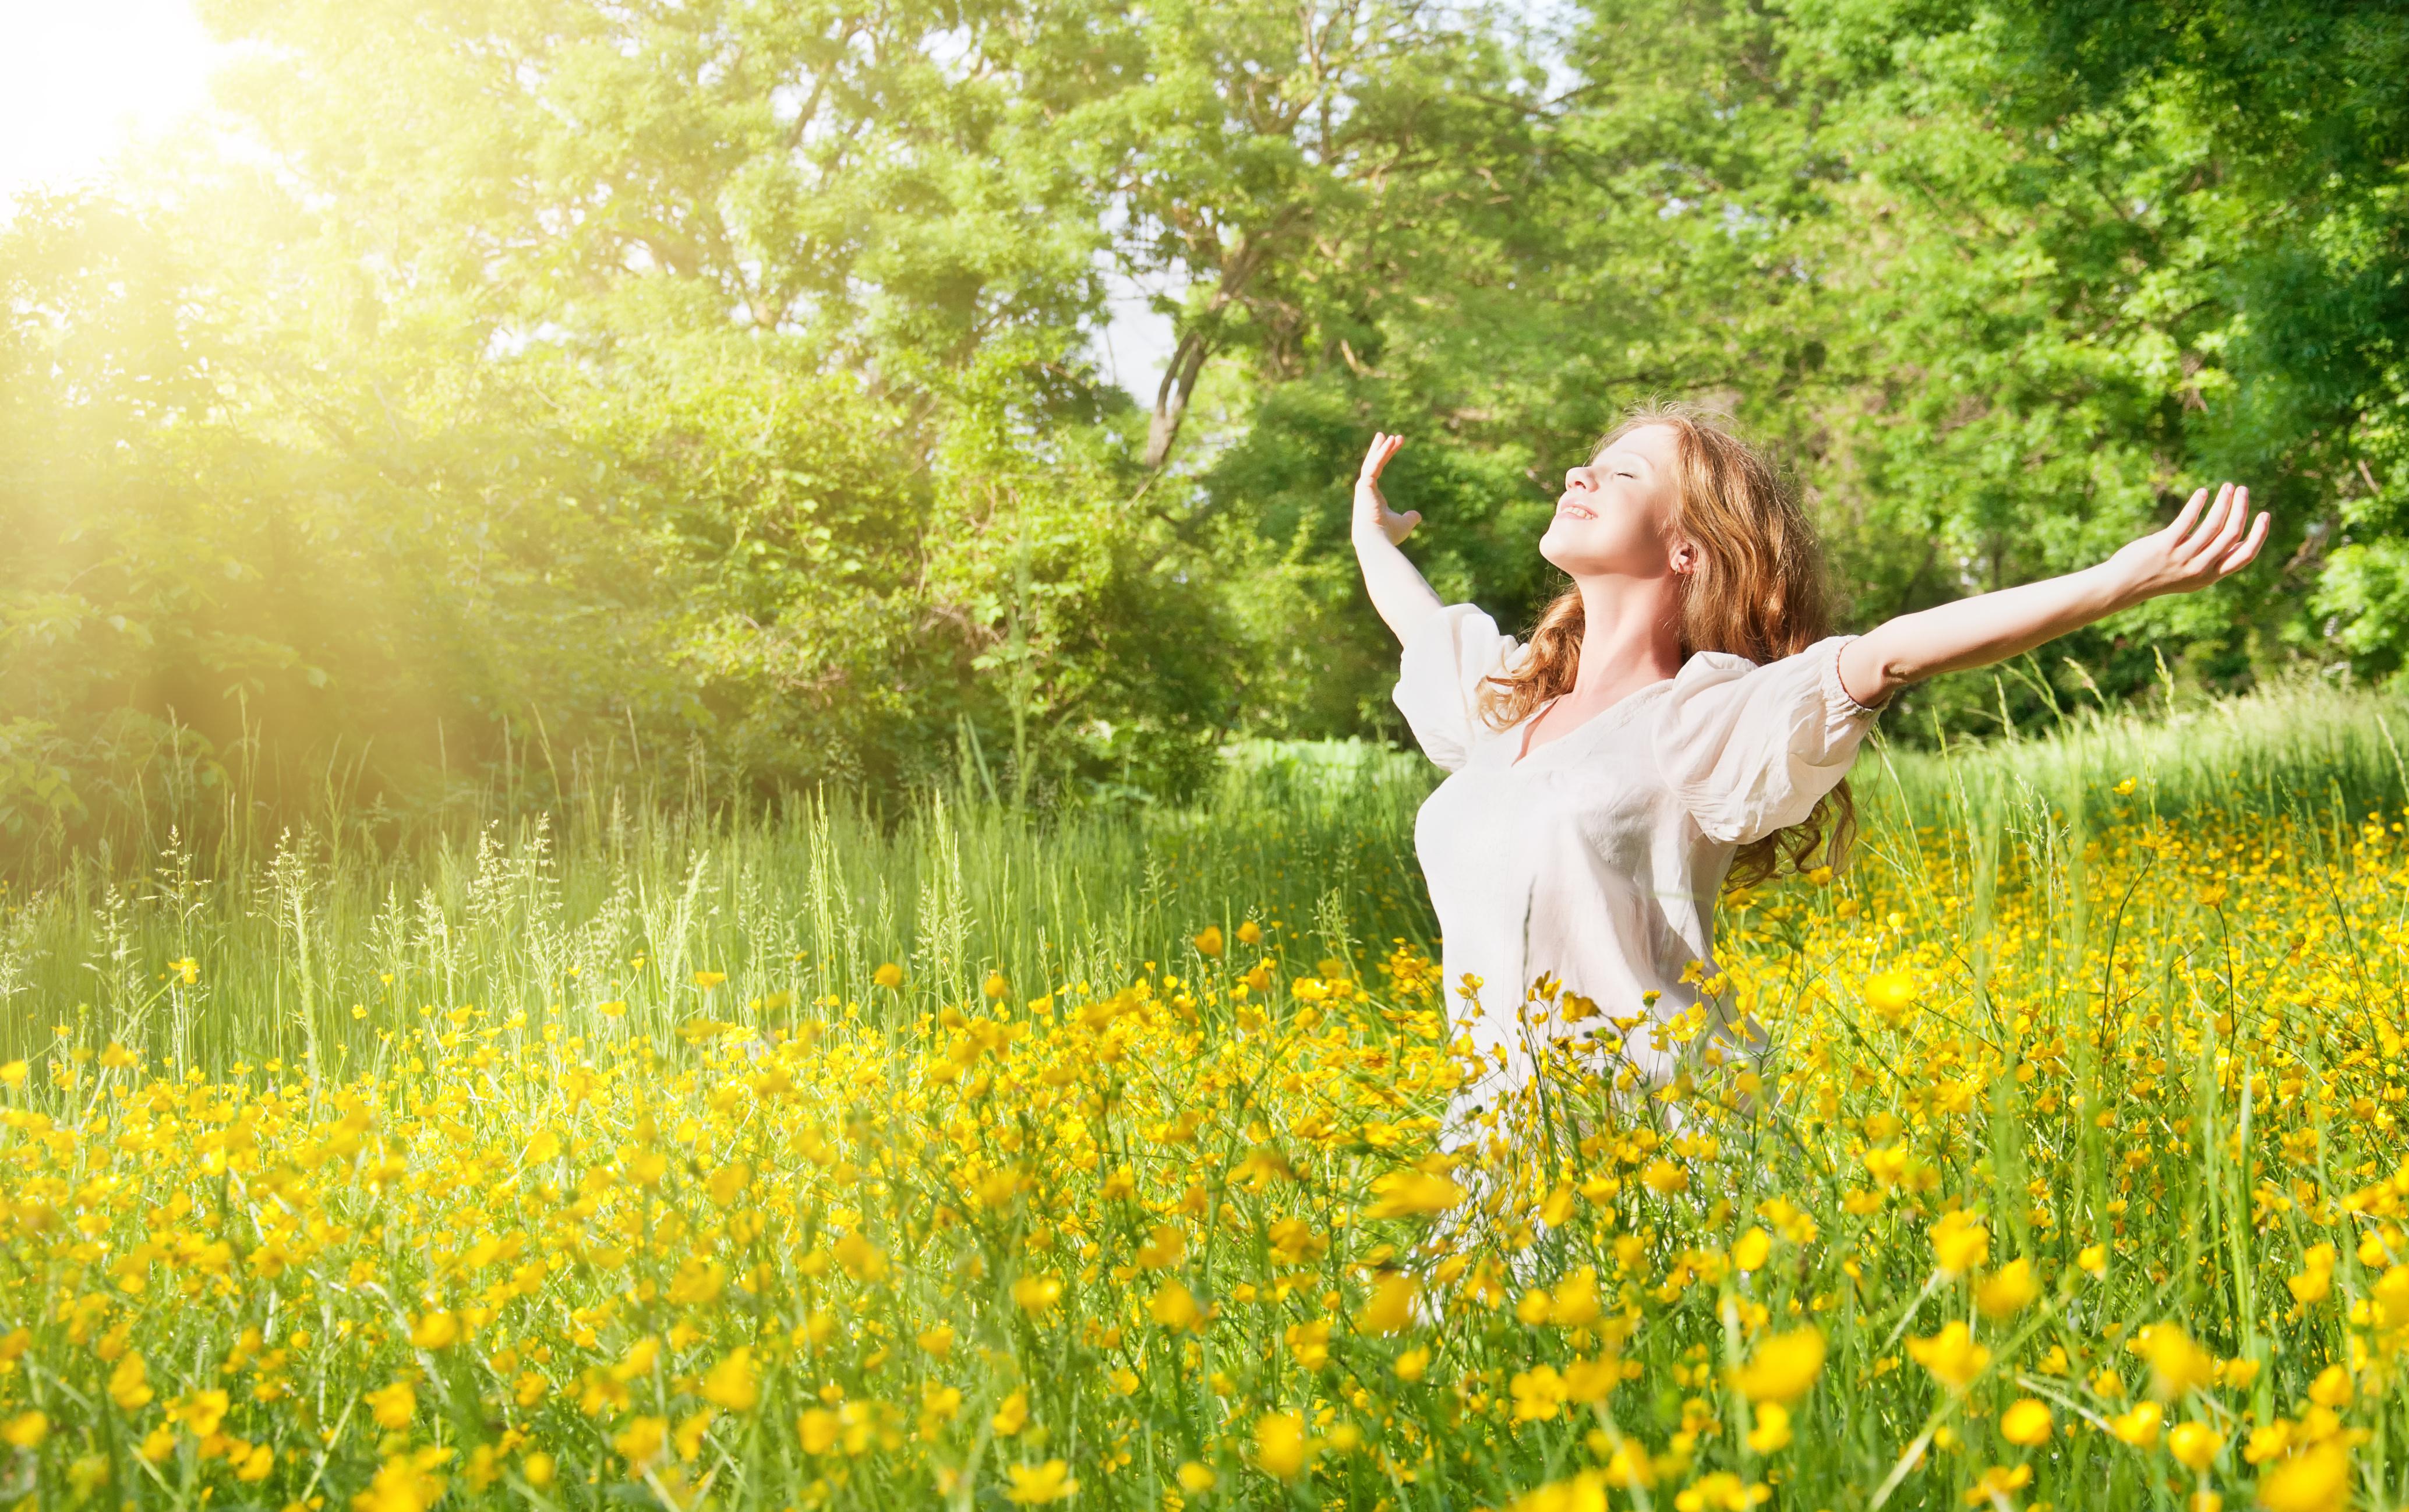 Crescita personale obiettivi personali e benessere